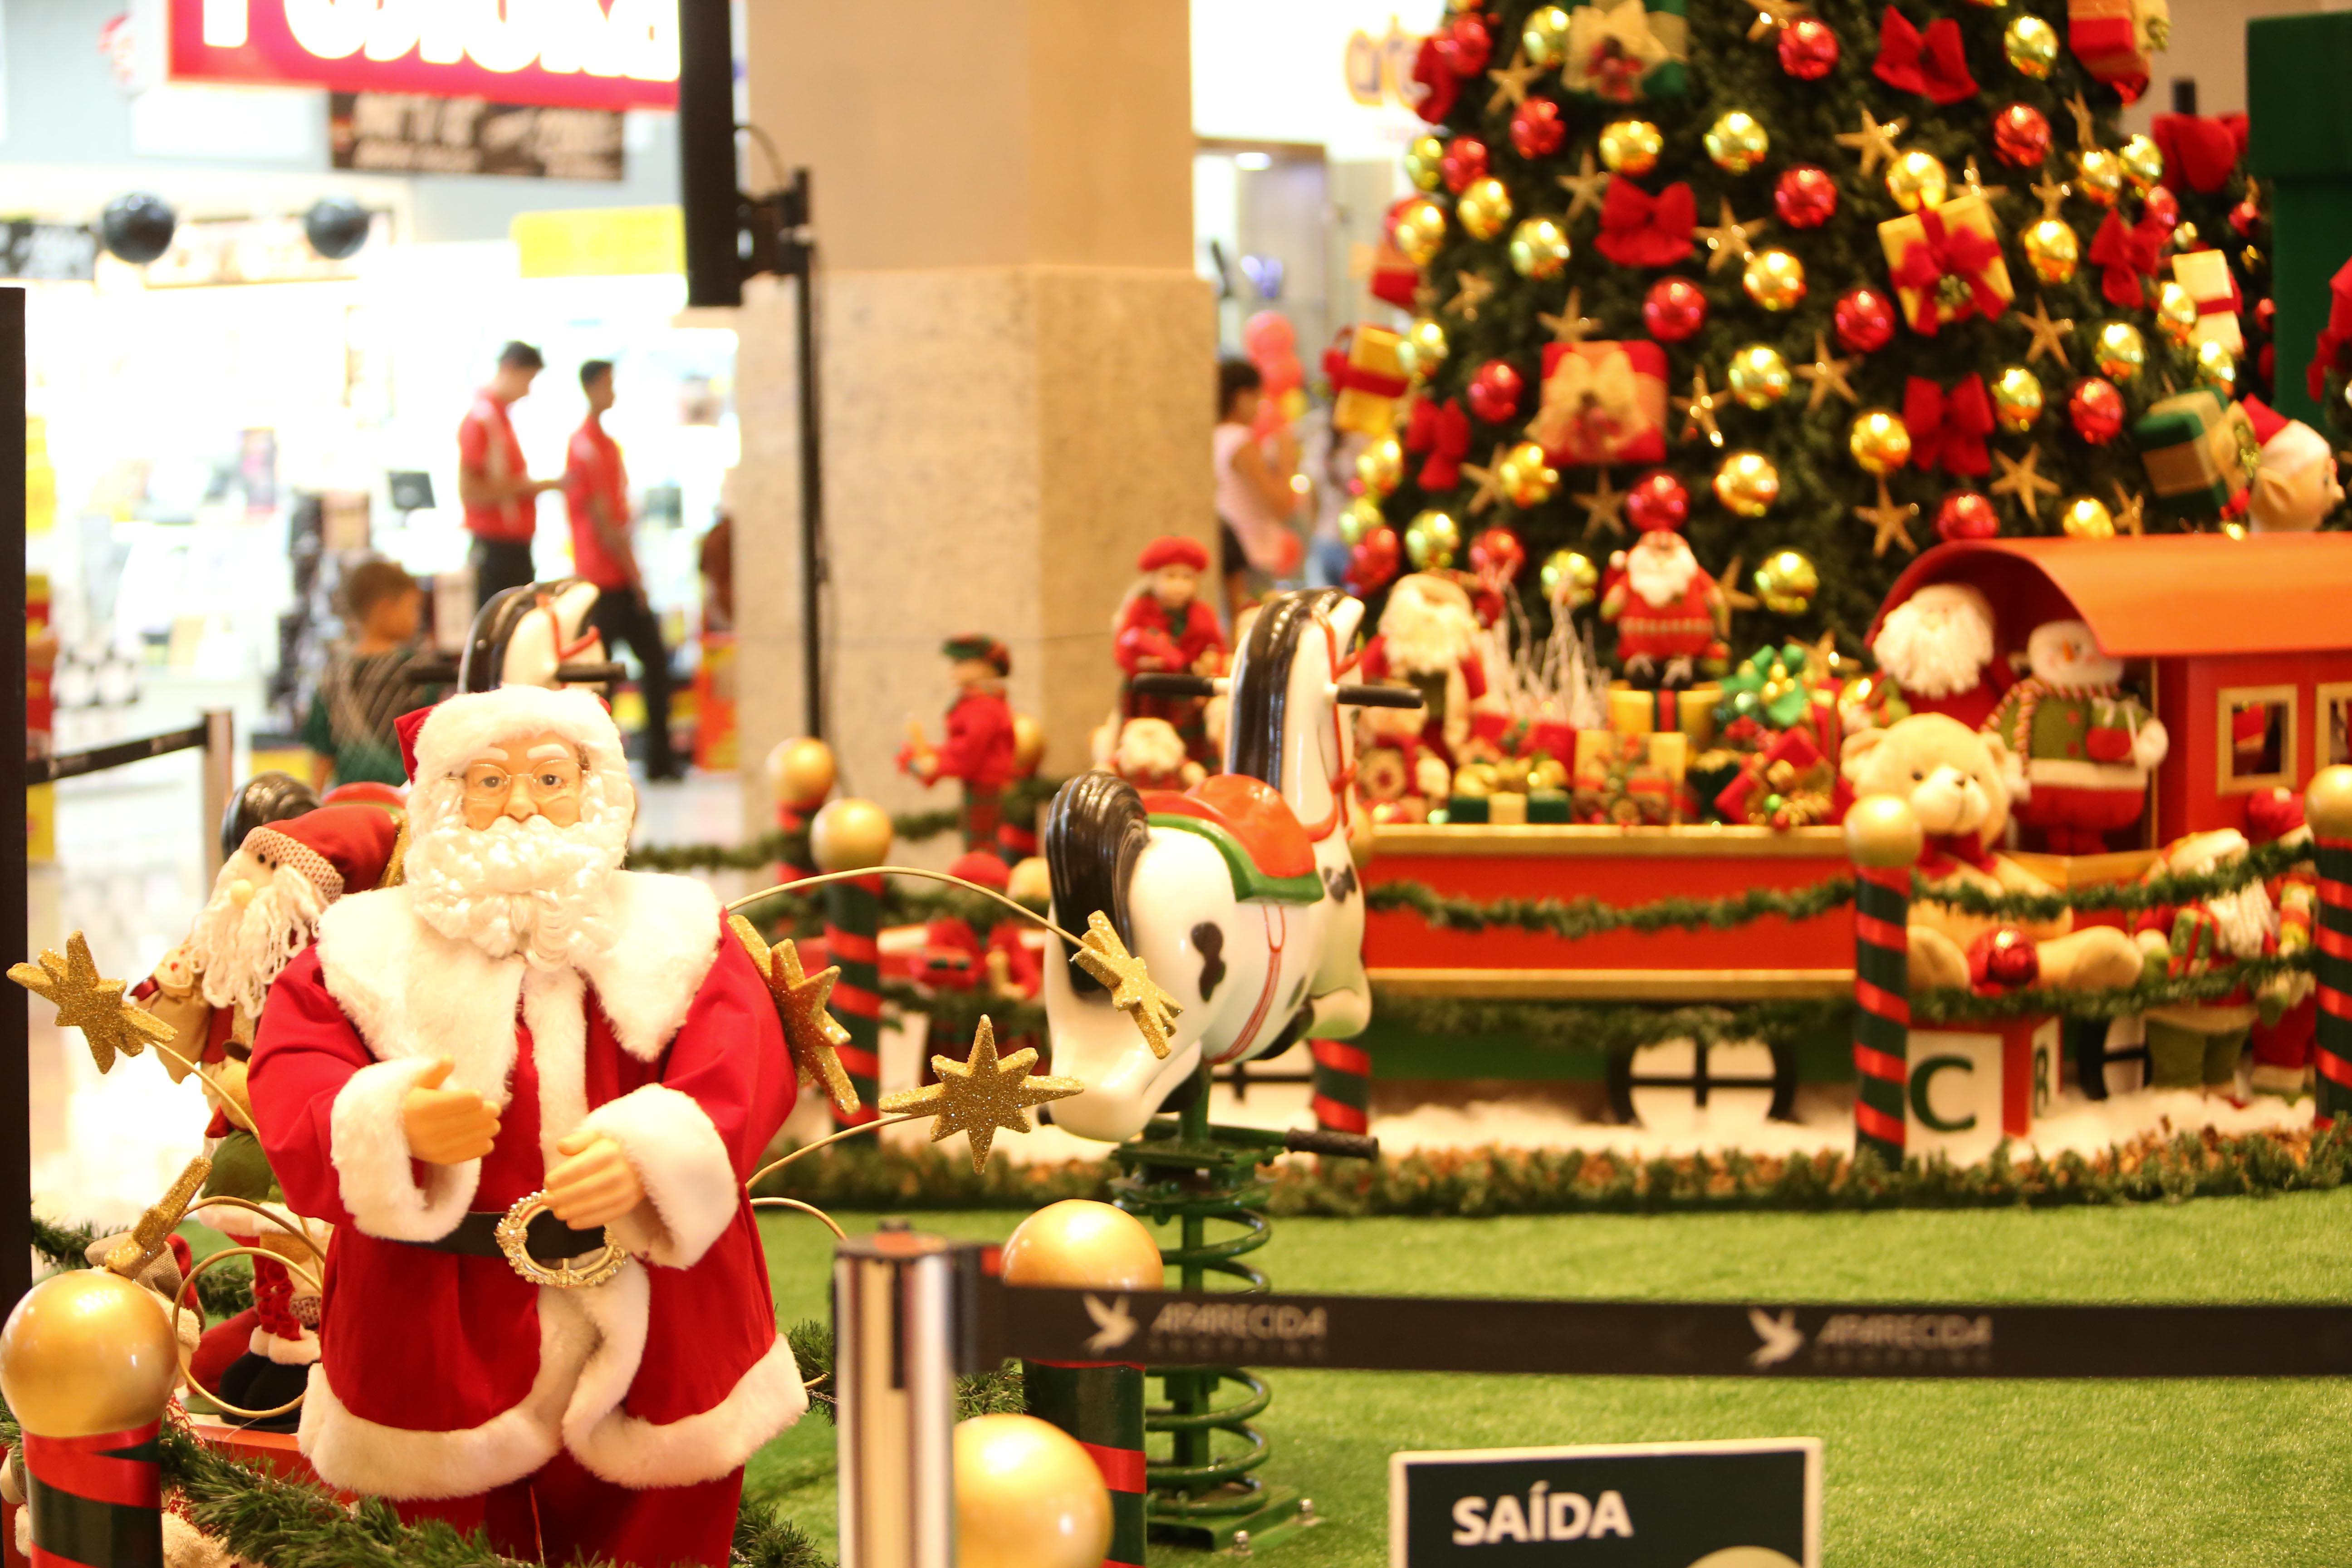 Aparecida Shopping inaugura decoração de Natal com chegada do Papai Noel